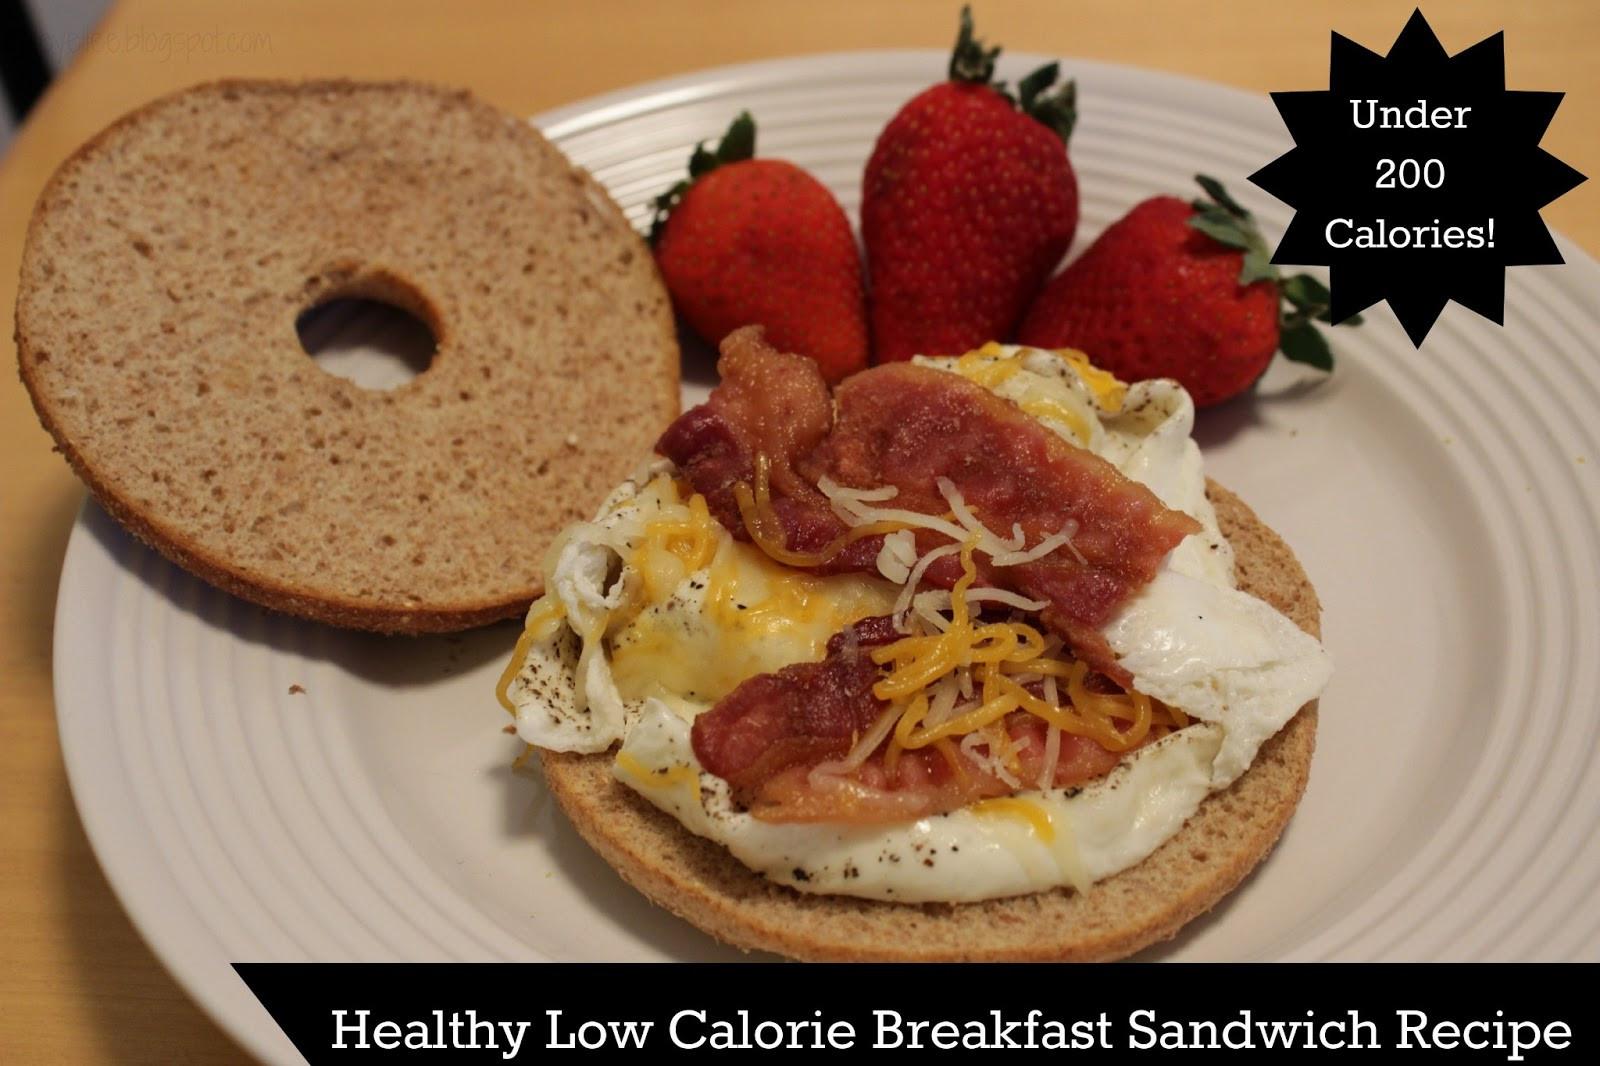 Healthy Low Calorie Breakfast  Low Calorie Low Calorie Breakfast Sandwich